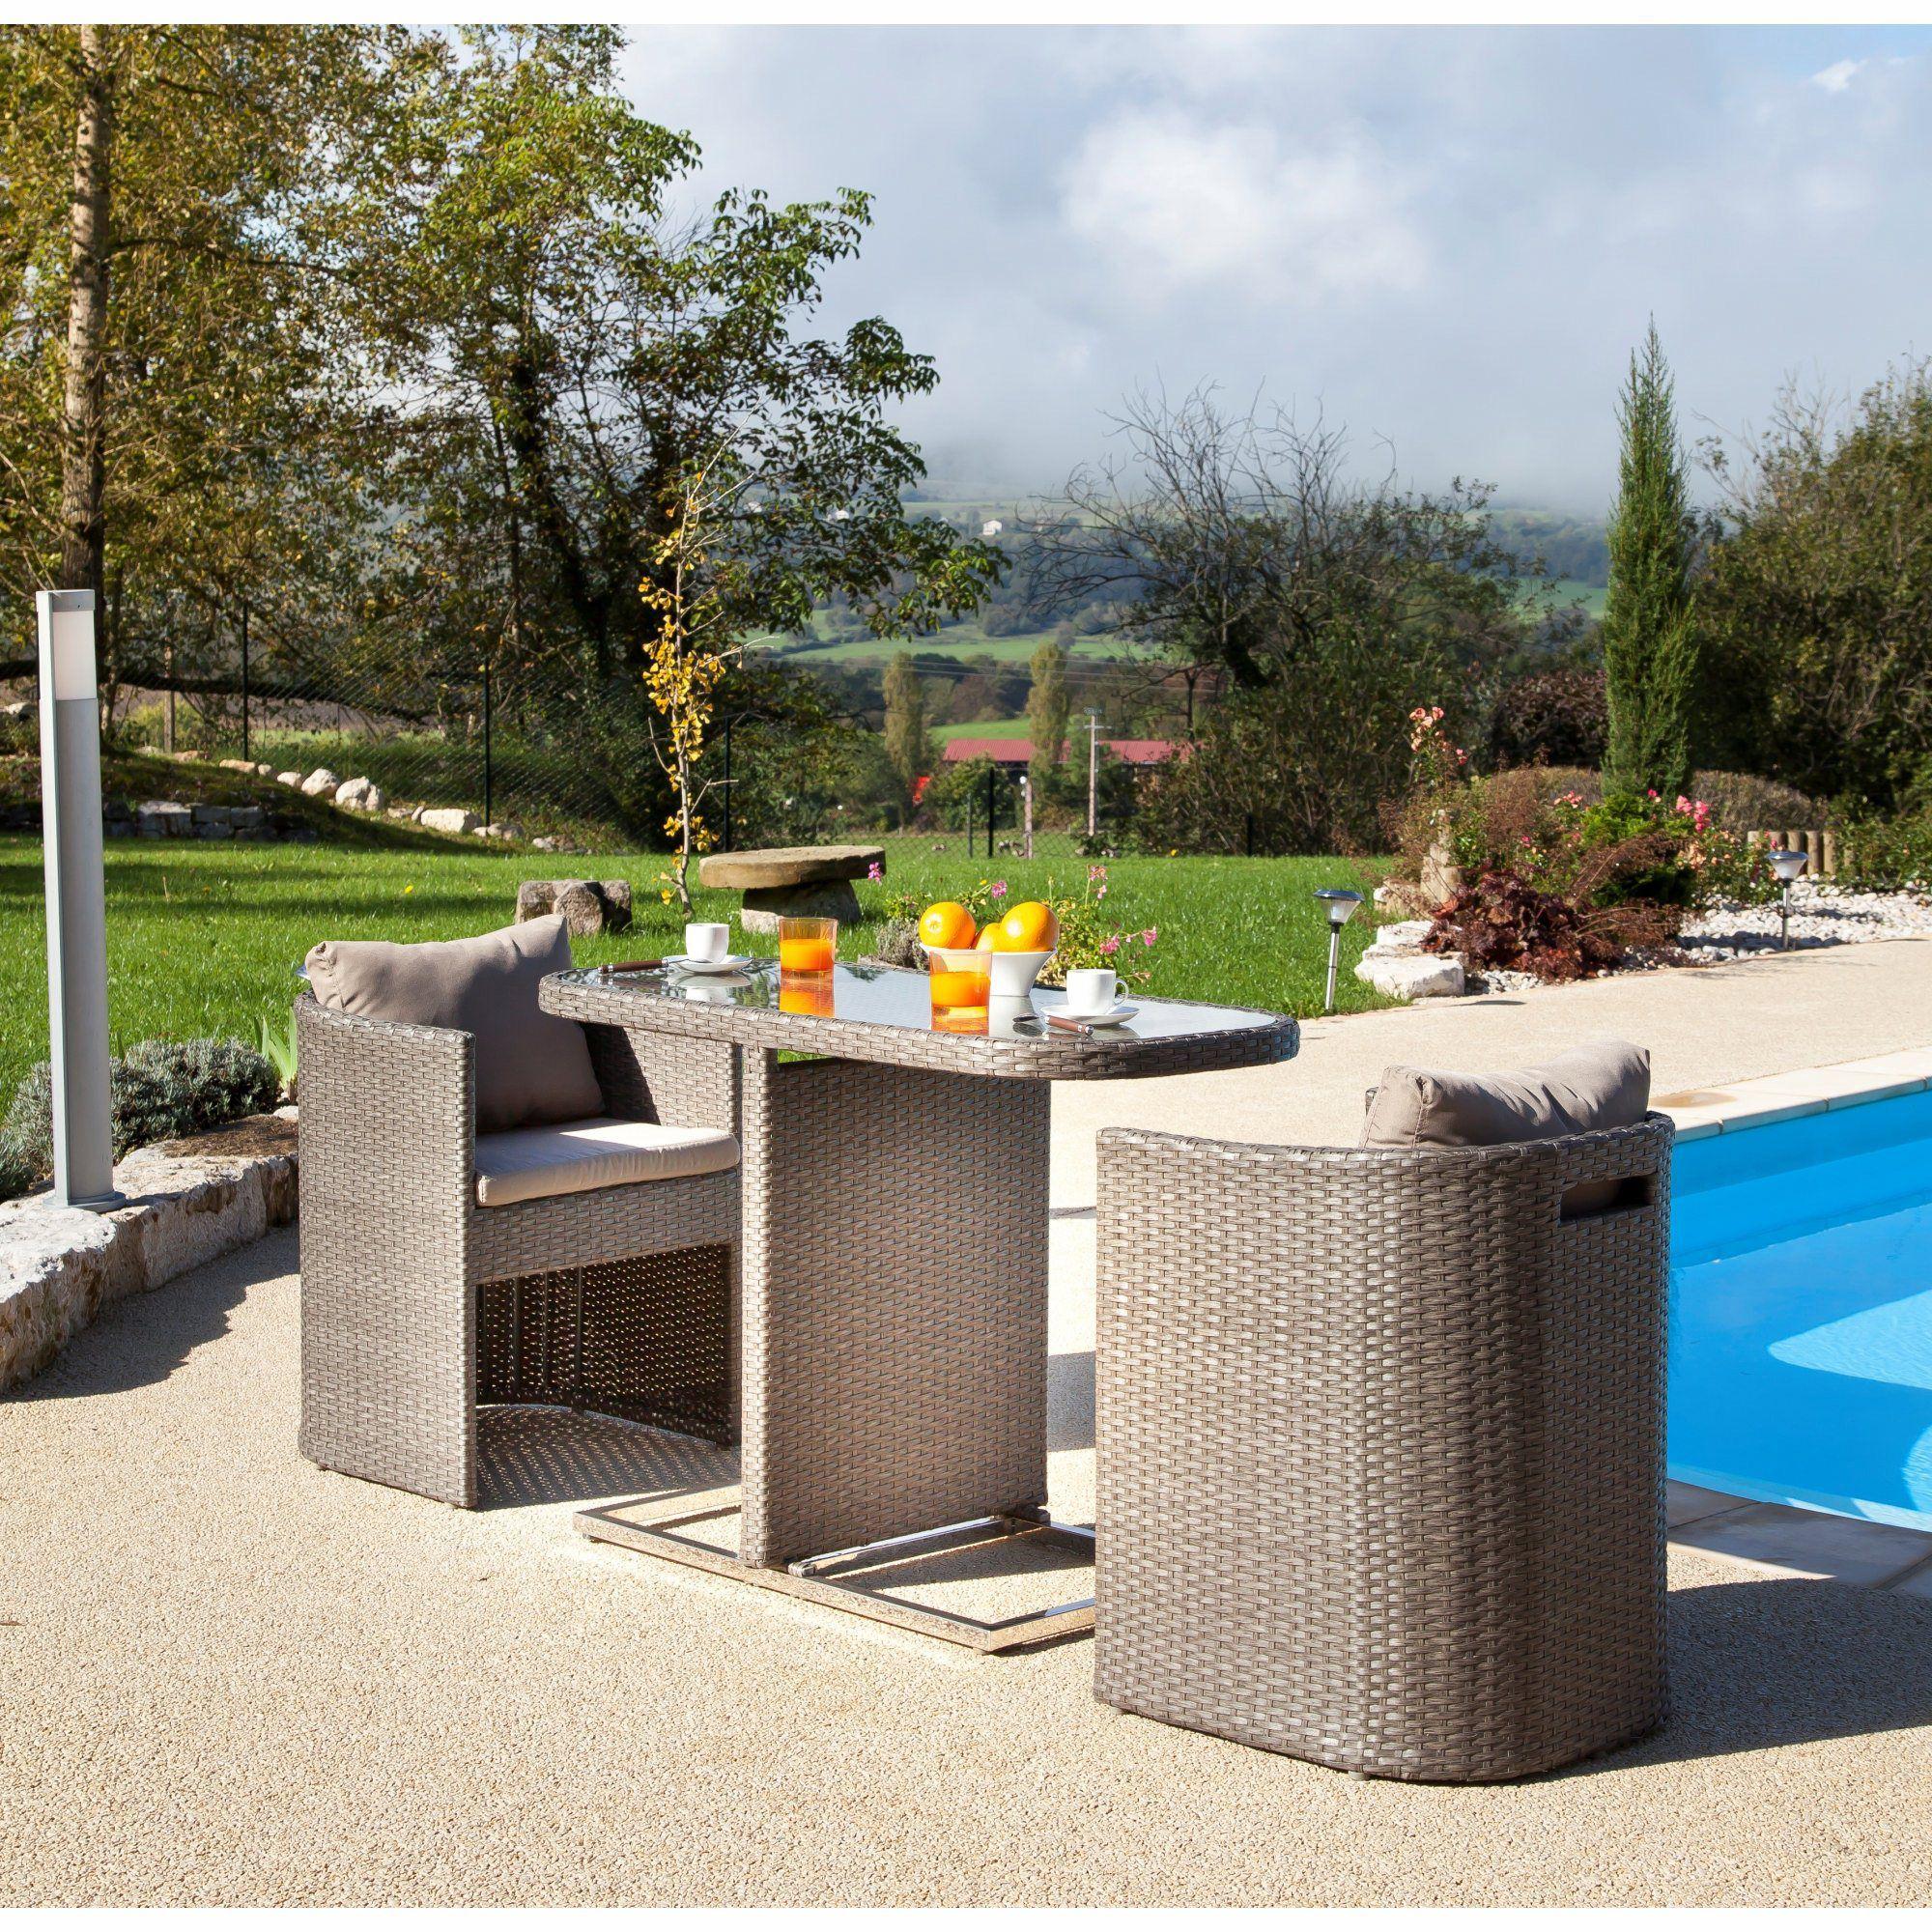 C Discount Table De Jardin Beau Petite Table Pour Balcon Avec Fauteuils Arrondis Gris Bari